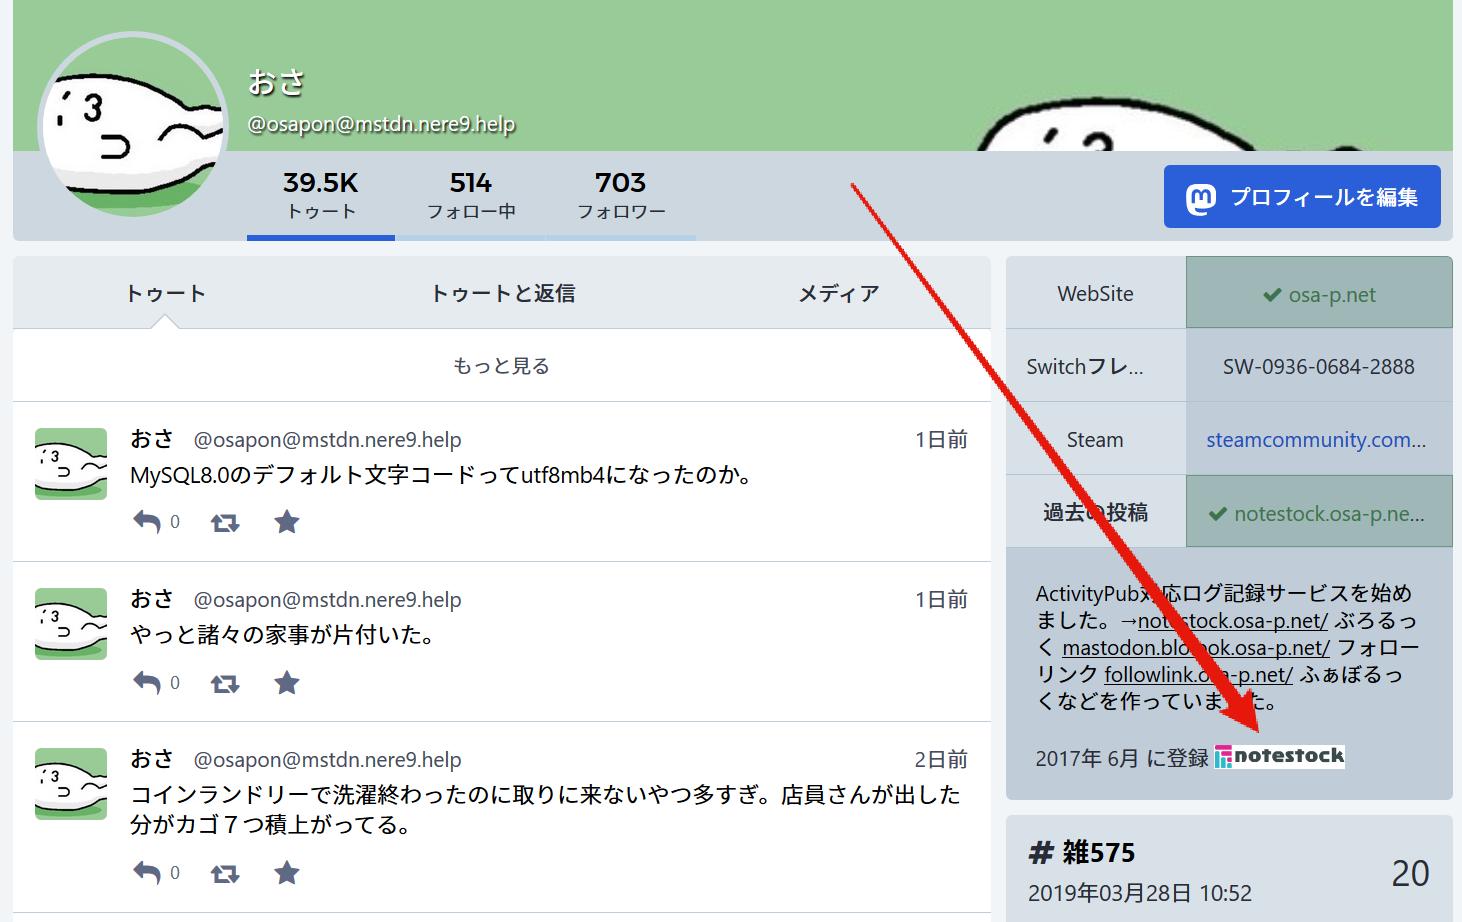 ユーザーページ